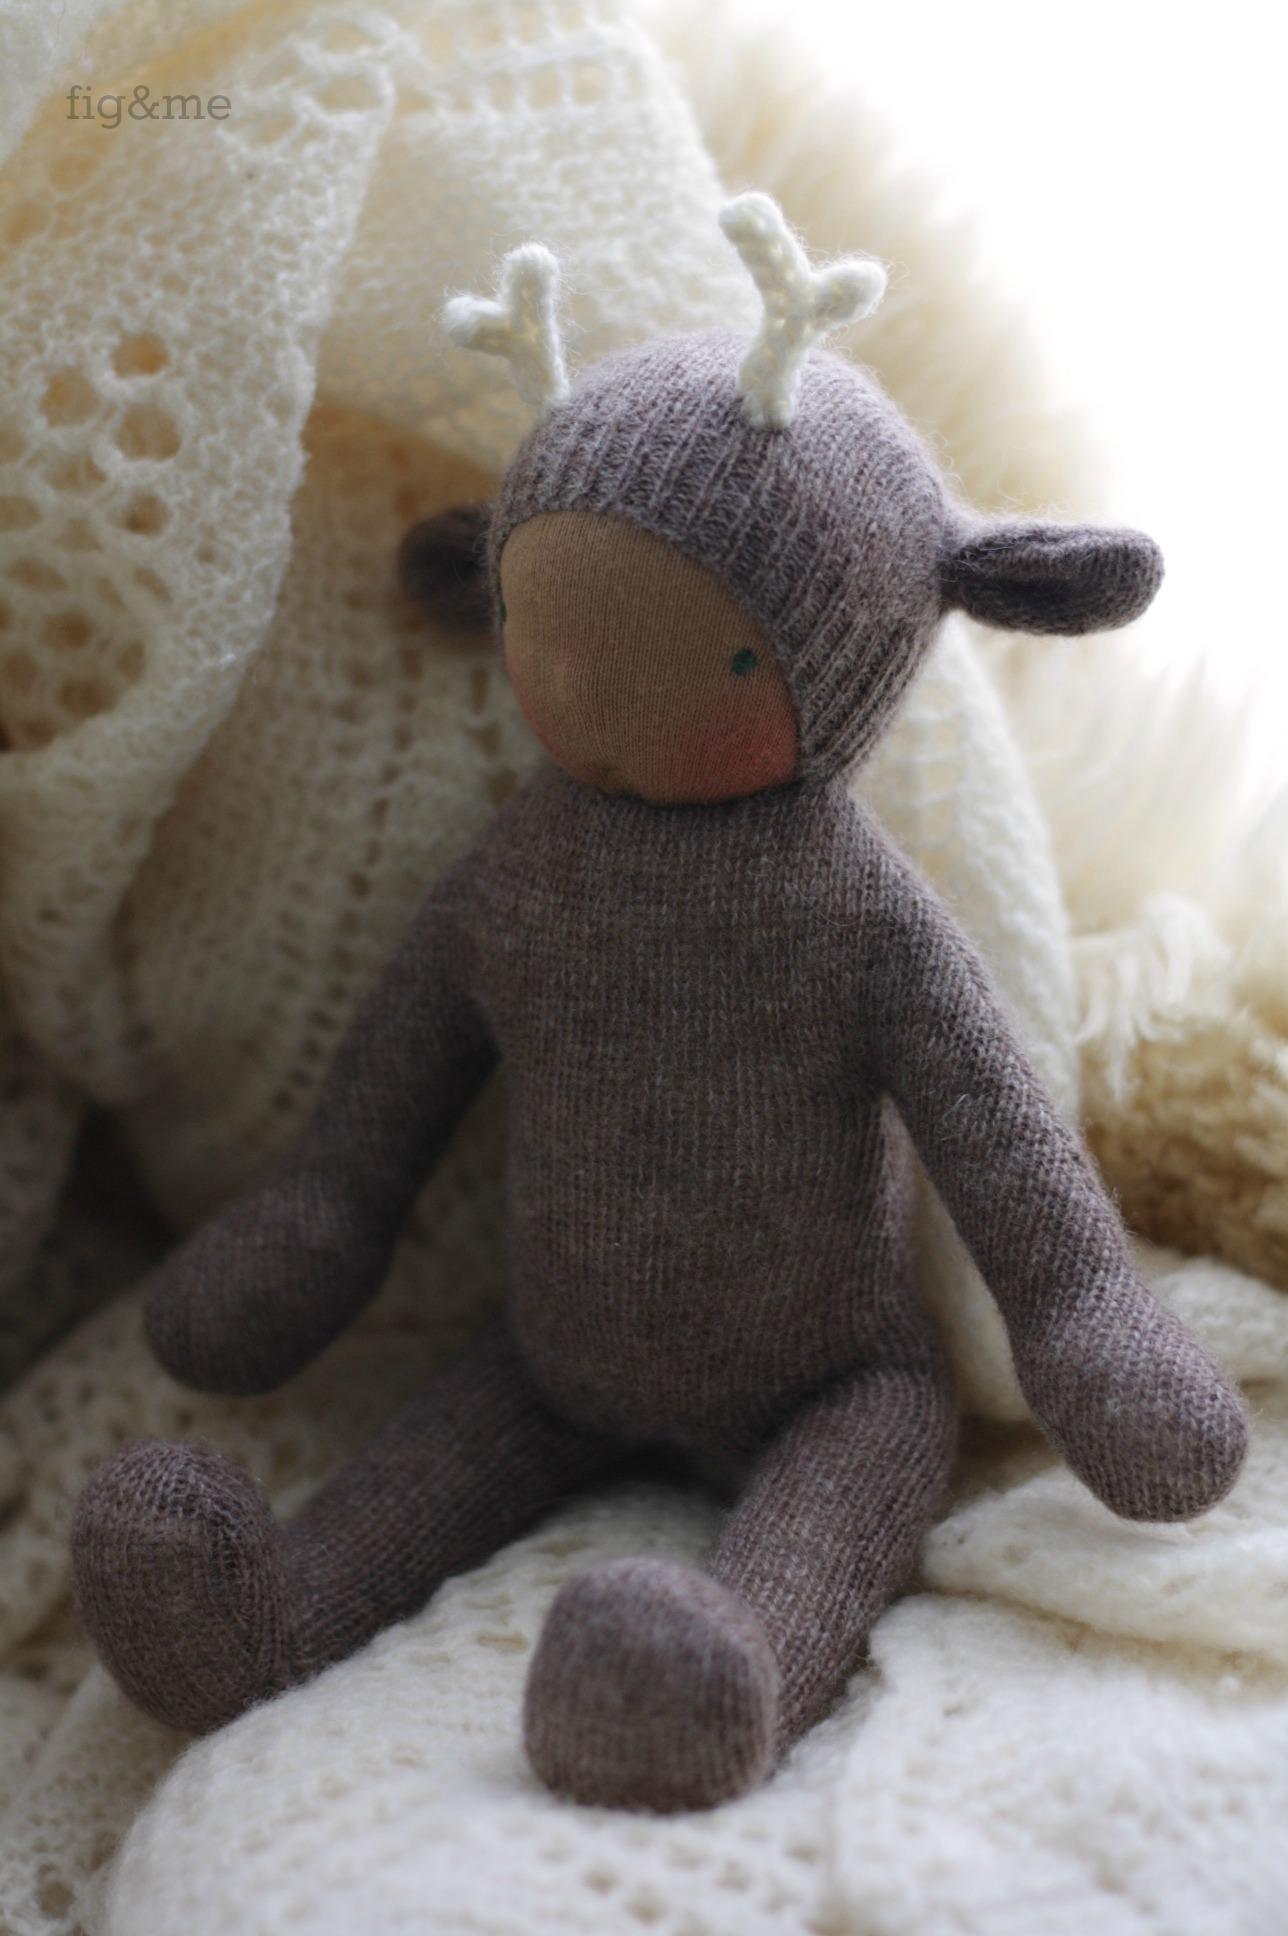 Wee Baby Deer, by Fig and Me.